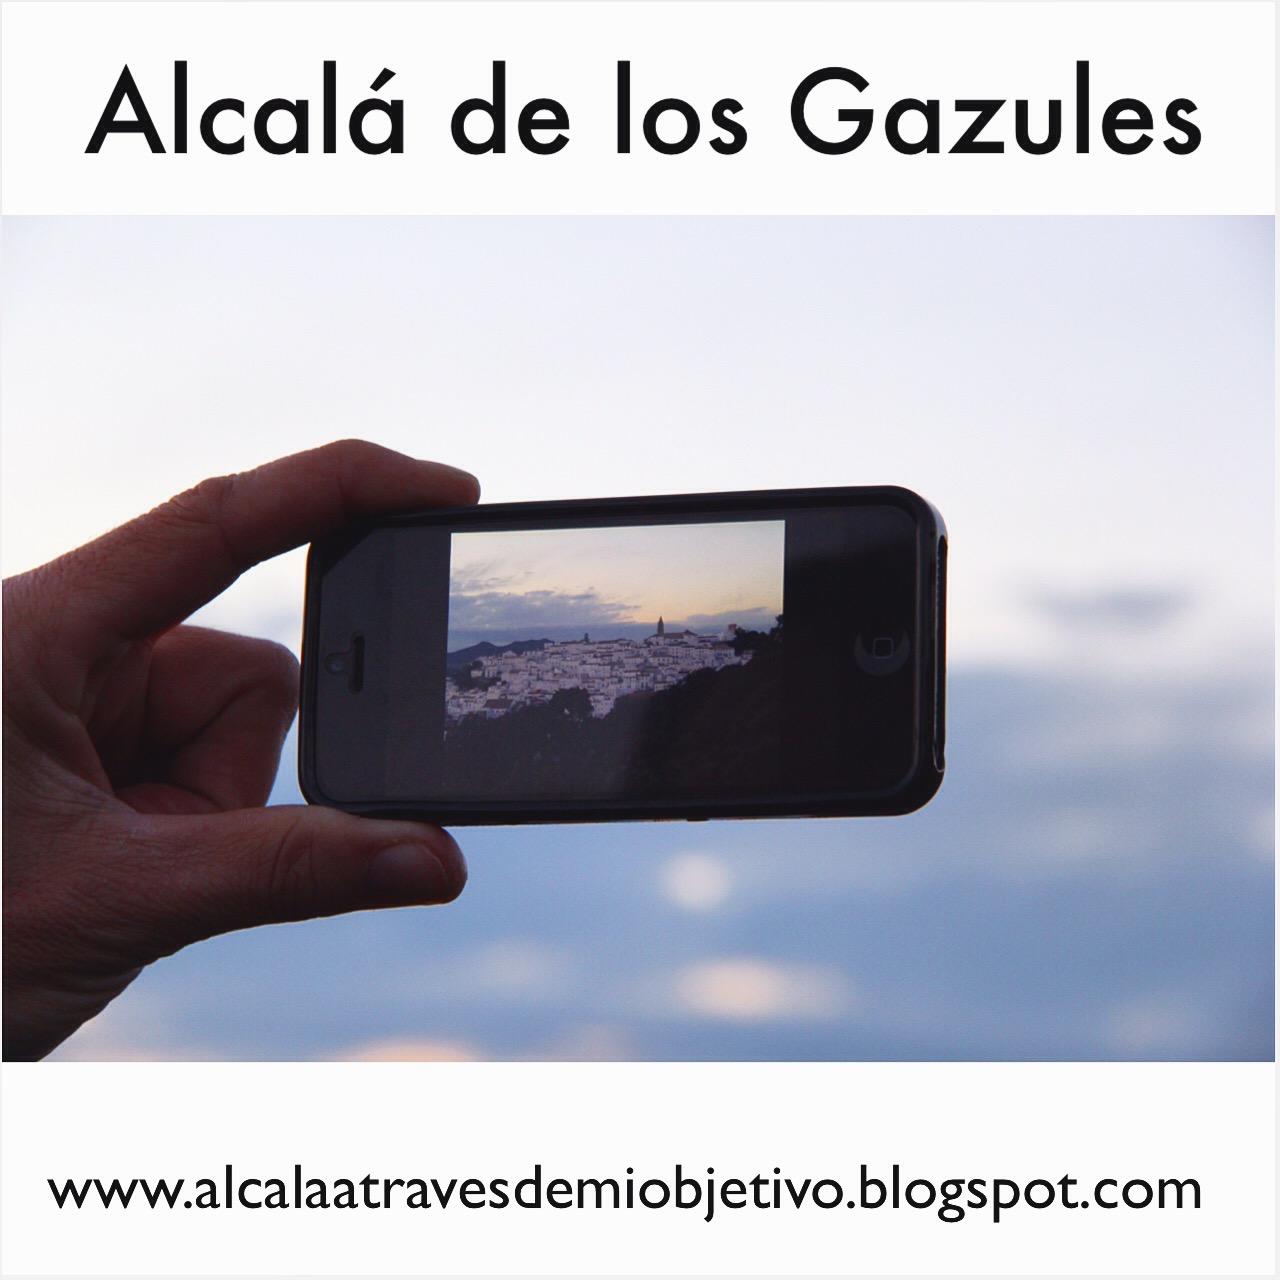 Este es mi pueblo, Alcalá de los Gazules.